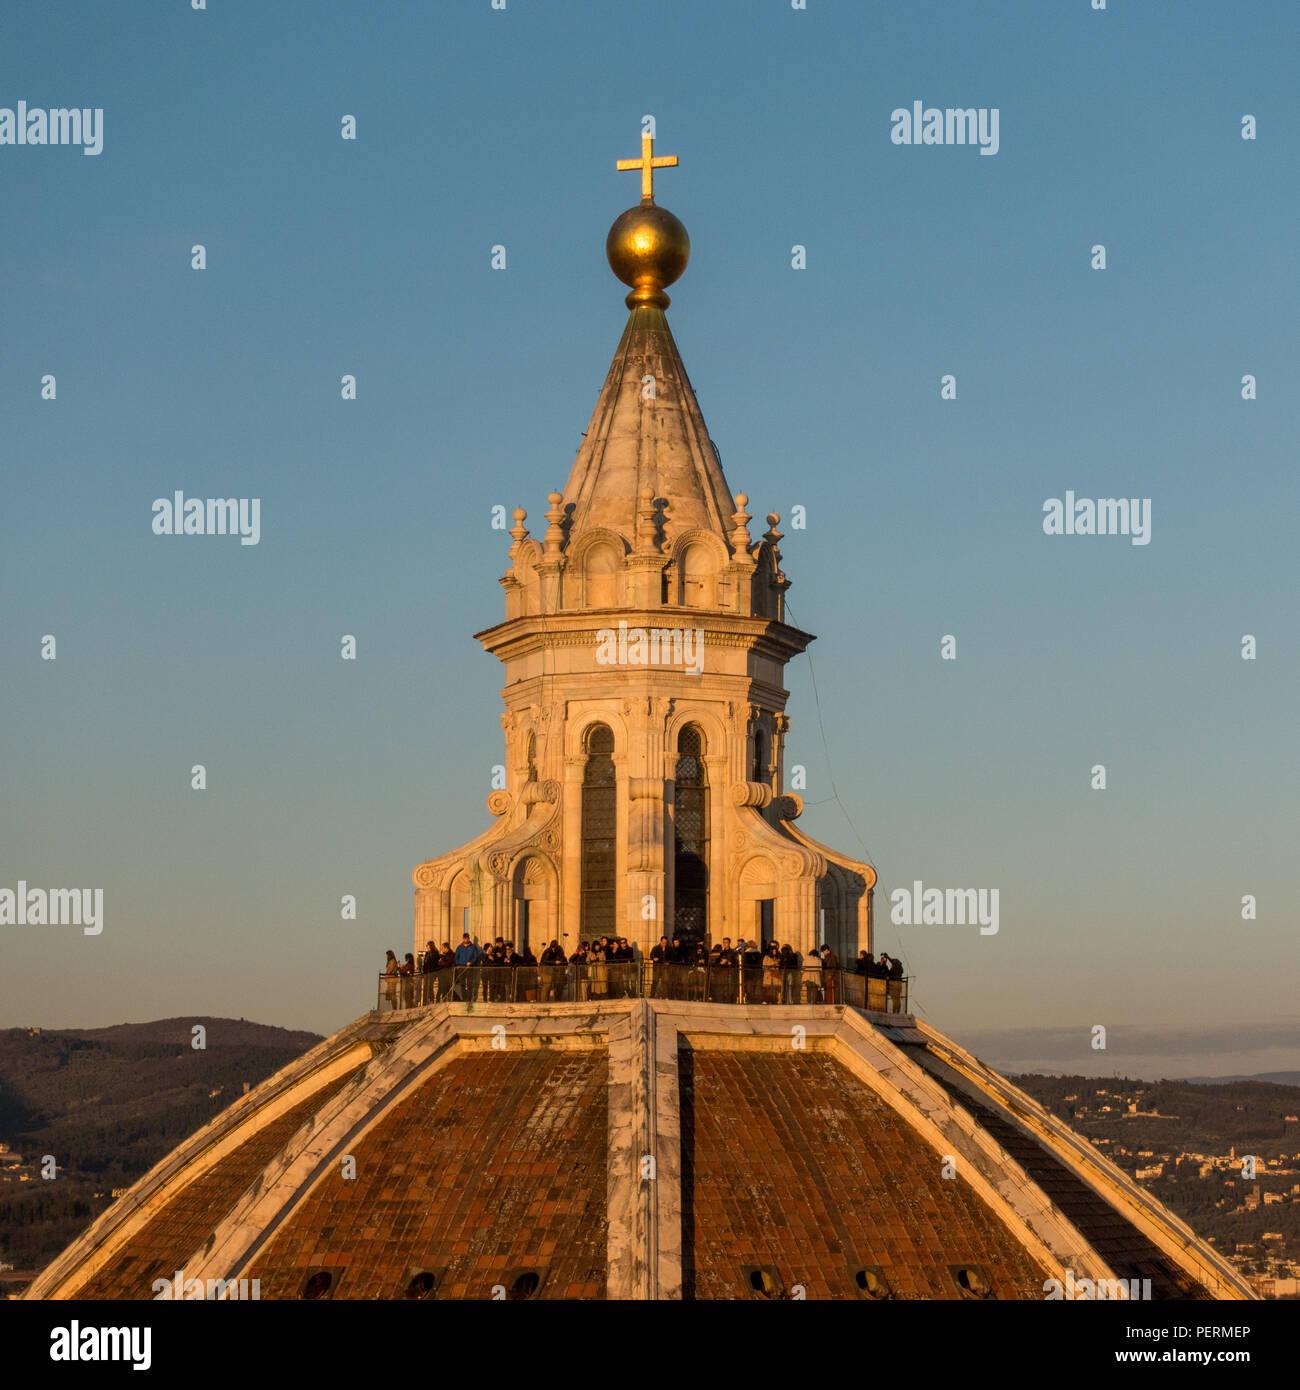 Firenze, Italia - 23 Marzo 2018: turisti si riuniscono sulla cupola del Duomo di Firenze al tramonto. Immagini Stock